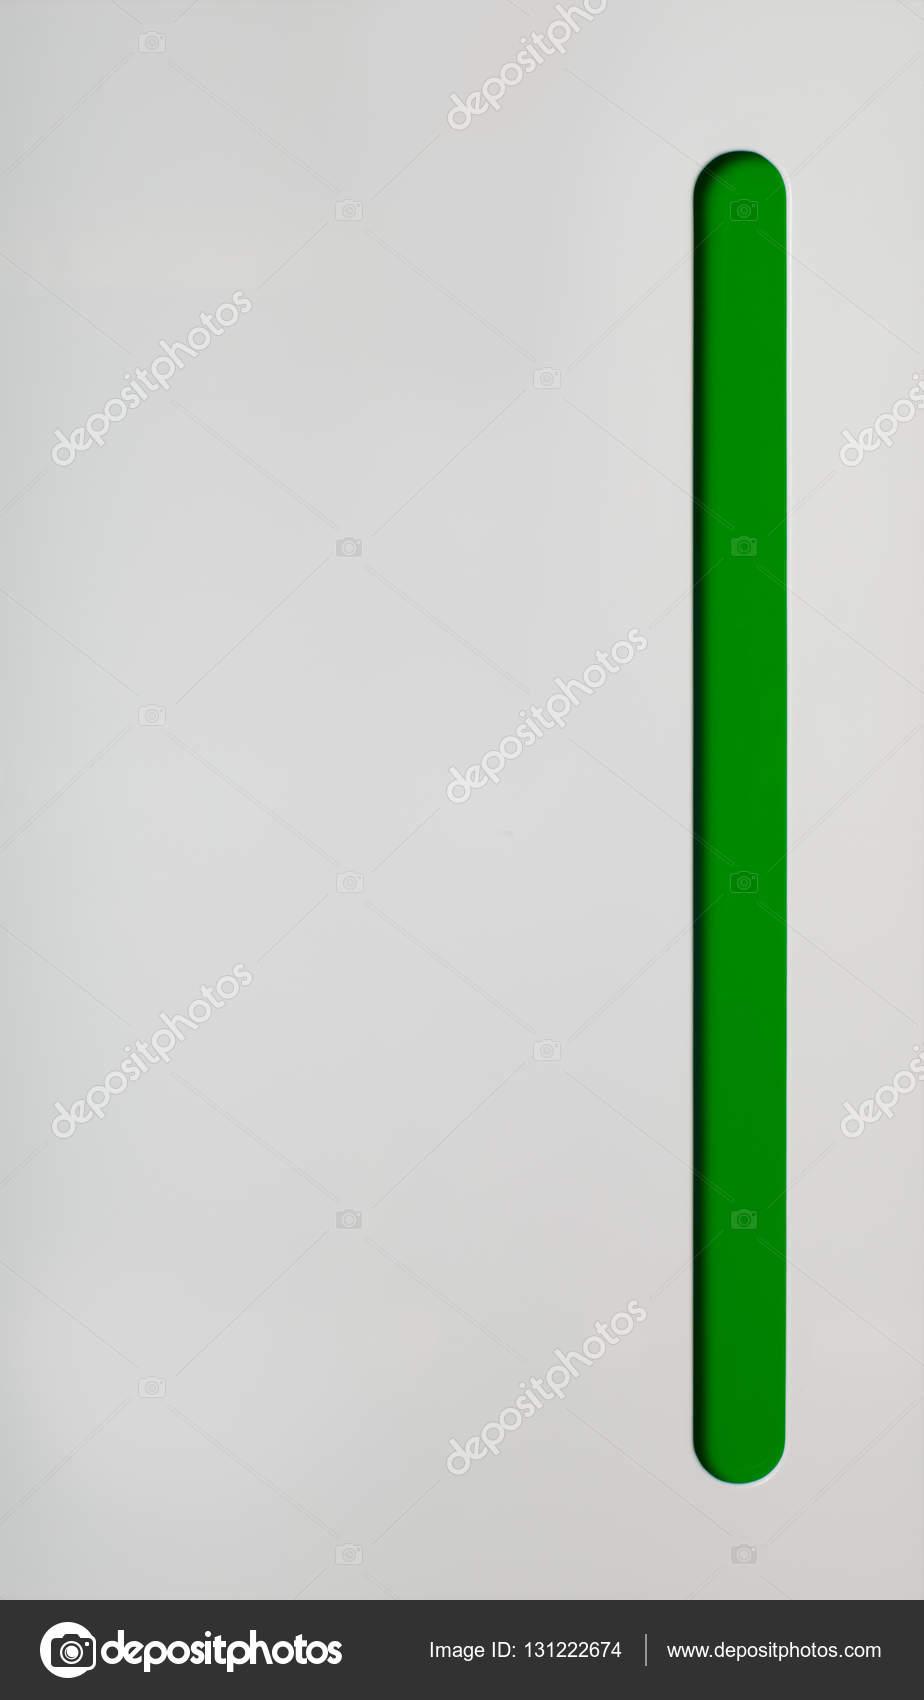 Küchenschrank Tür. Weiß mit grünen Teil — Stockfoto © sasapanchenko ...